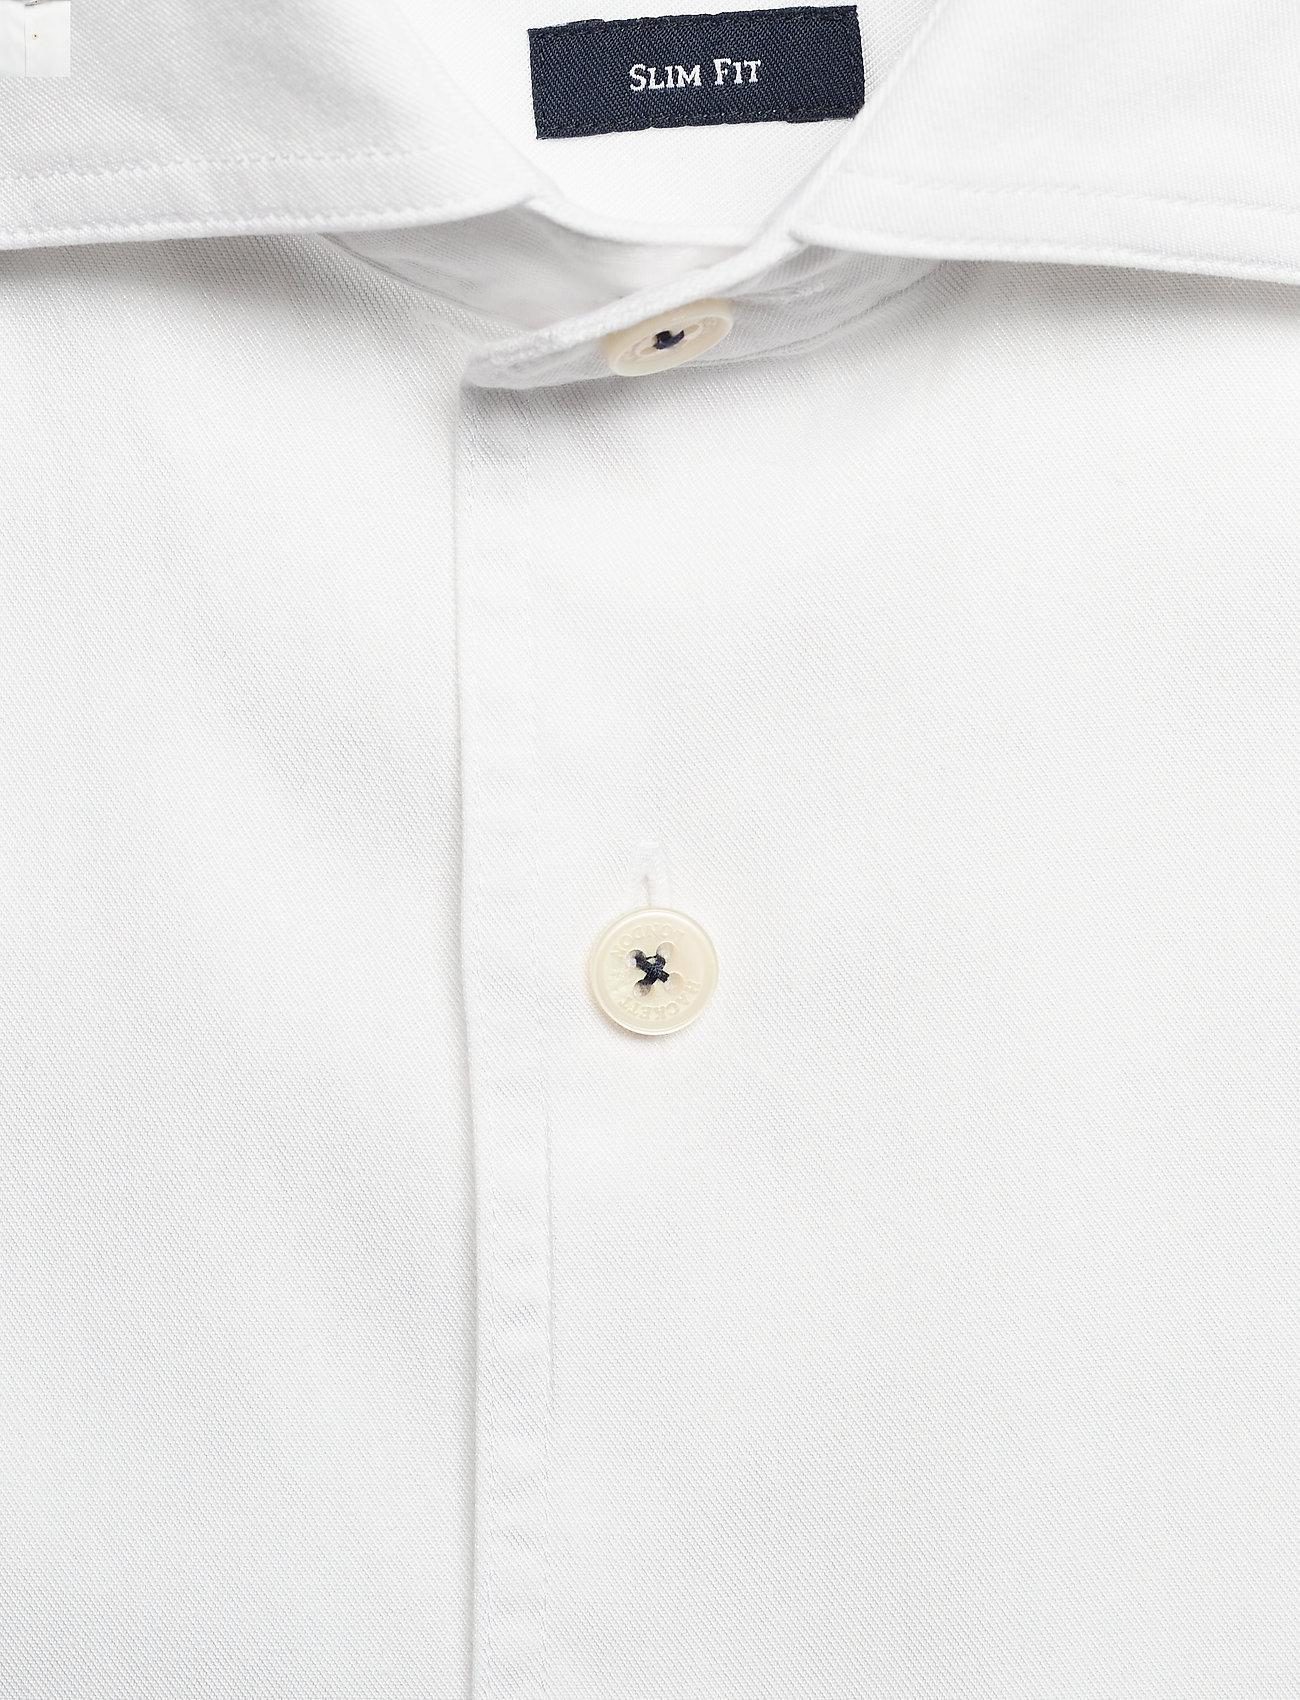 Hackett London CO TENCEL PIECE DYE - Skjorter WHITE - Menn Klær